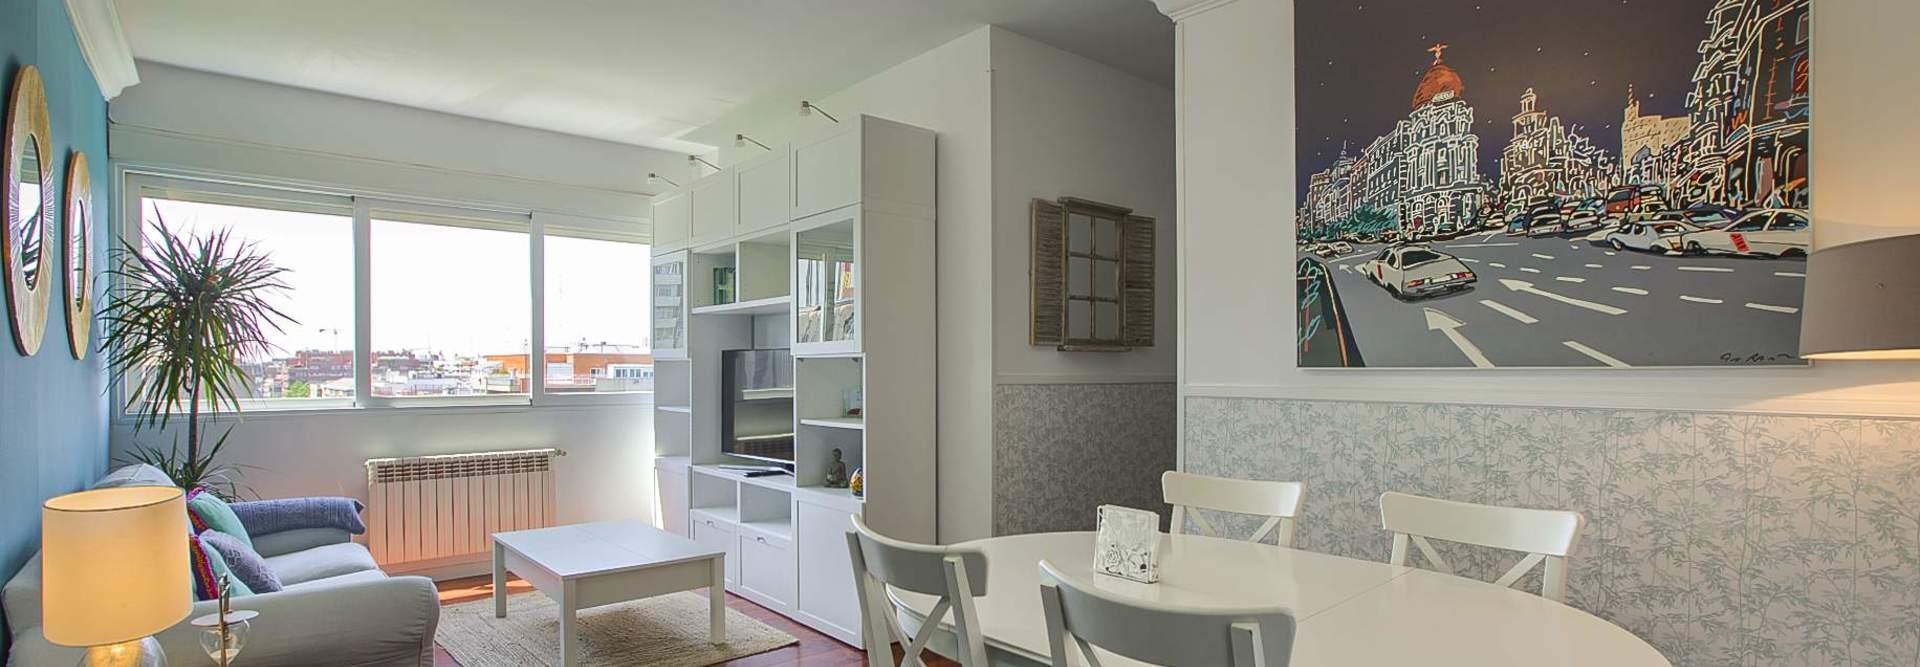 Rent apartment in Madrid City Centre per days.